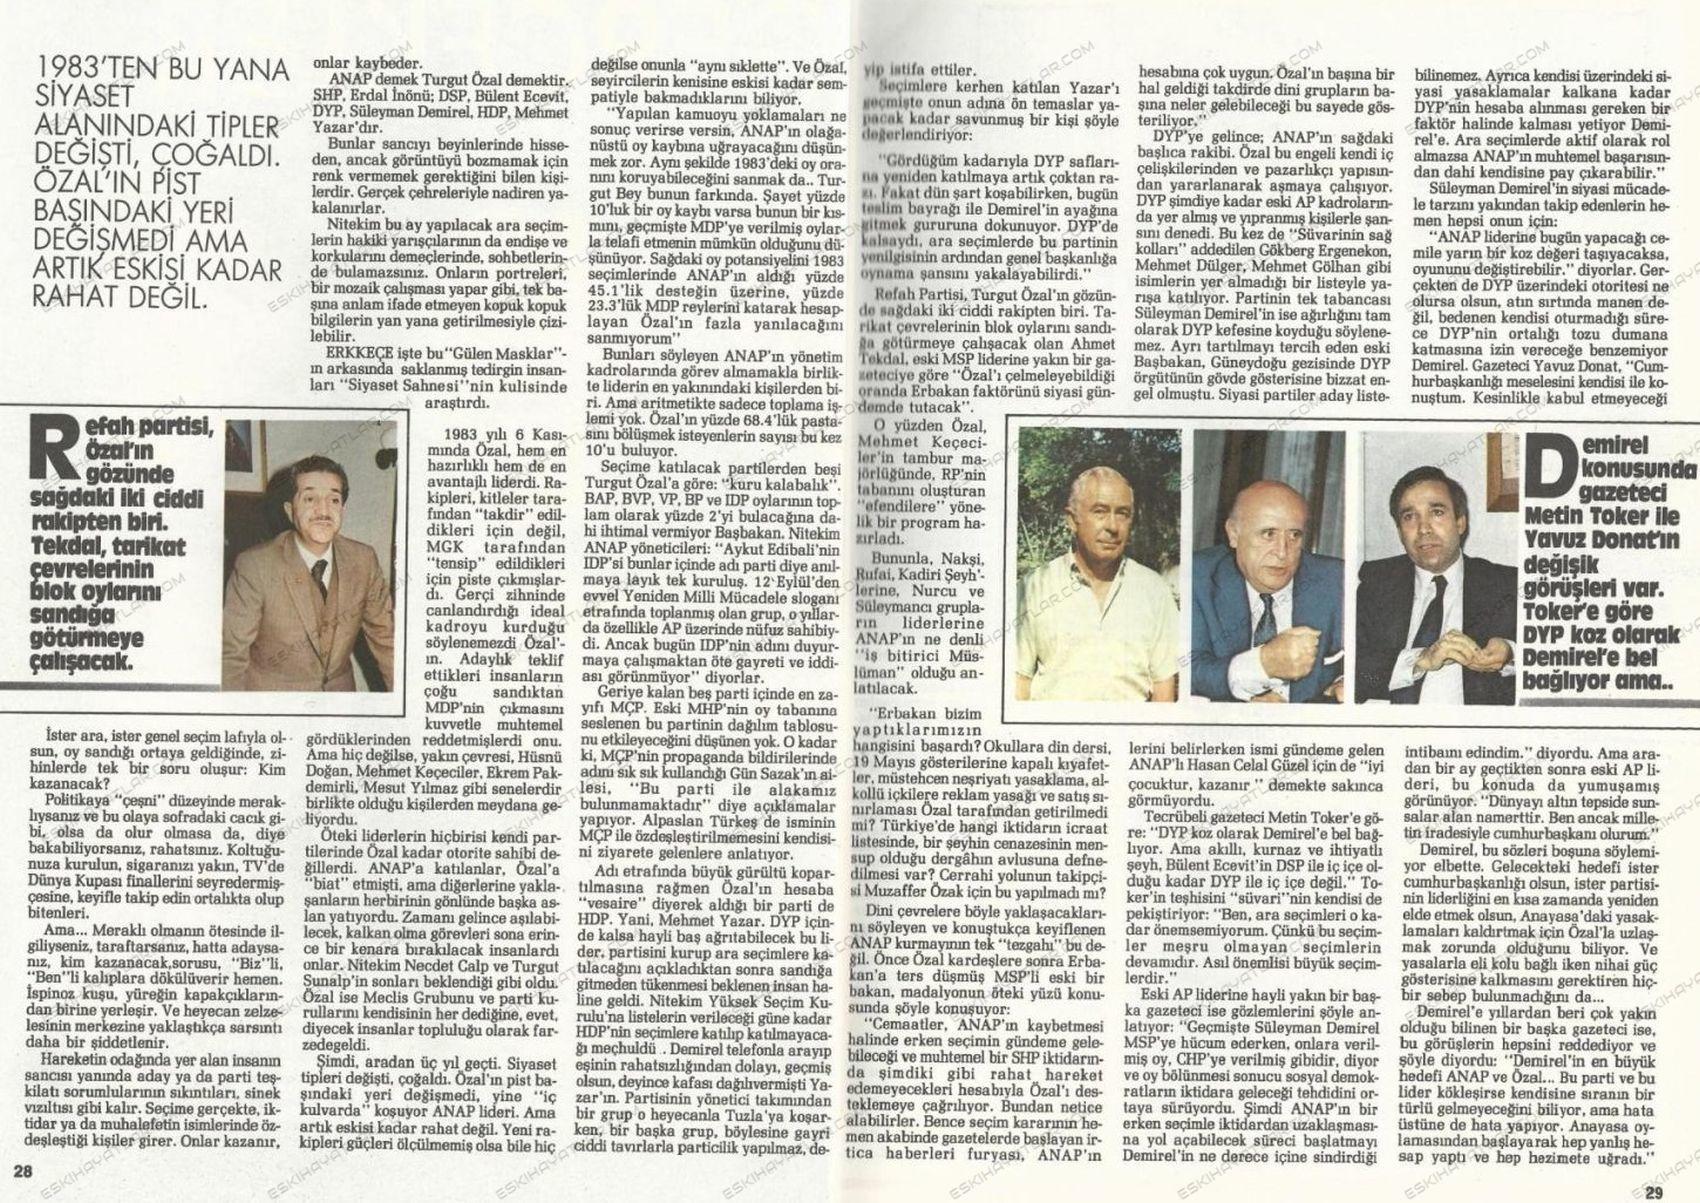 0288-seksenlerde-siyaset-turgut-ozal-erdal-inonu-suleyman-demirel-1986-erkekce-dergisi-murat-karayalcin (5)